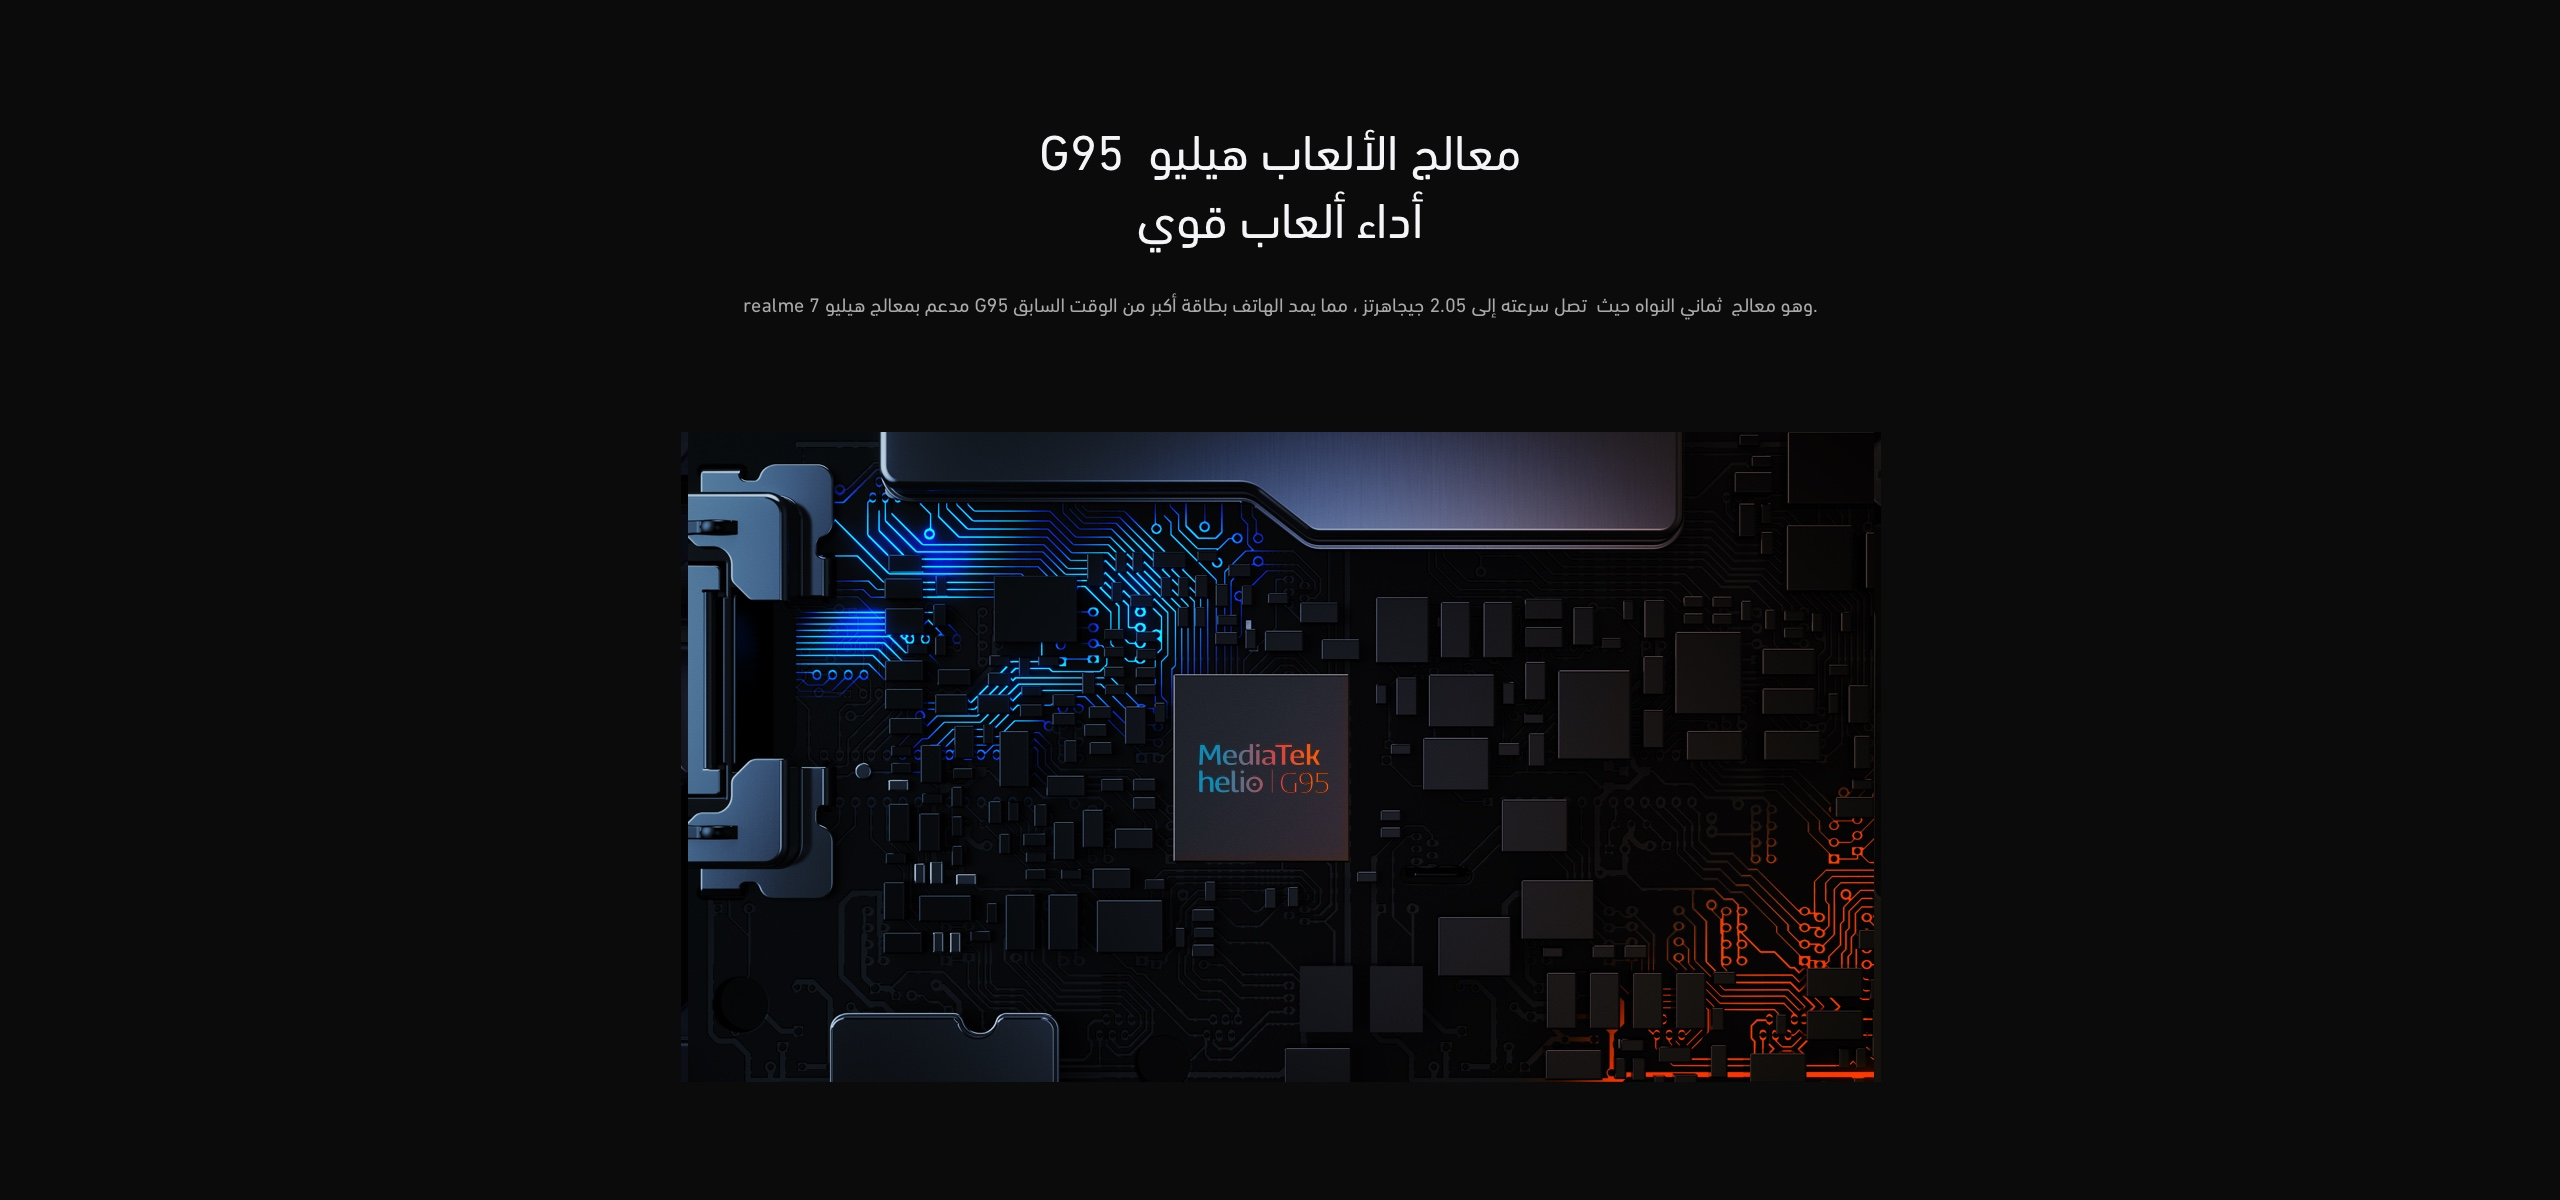 realme7-L-Ar-05.jpg?1616460911088